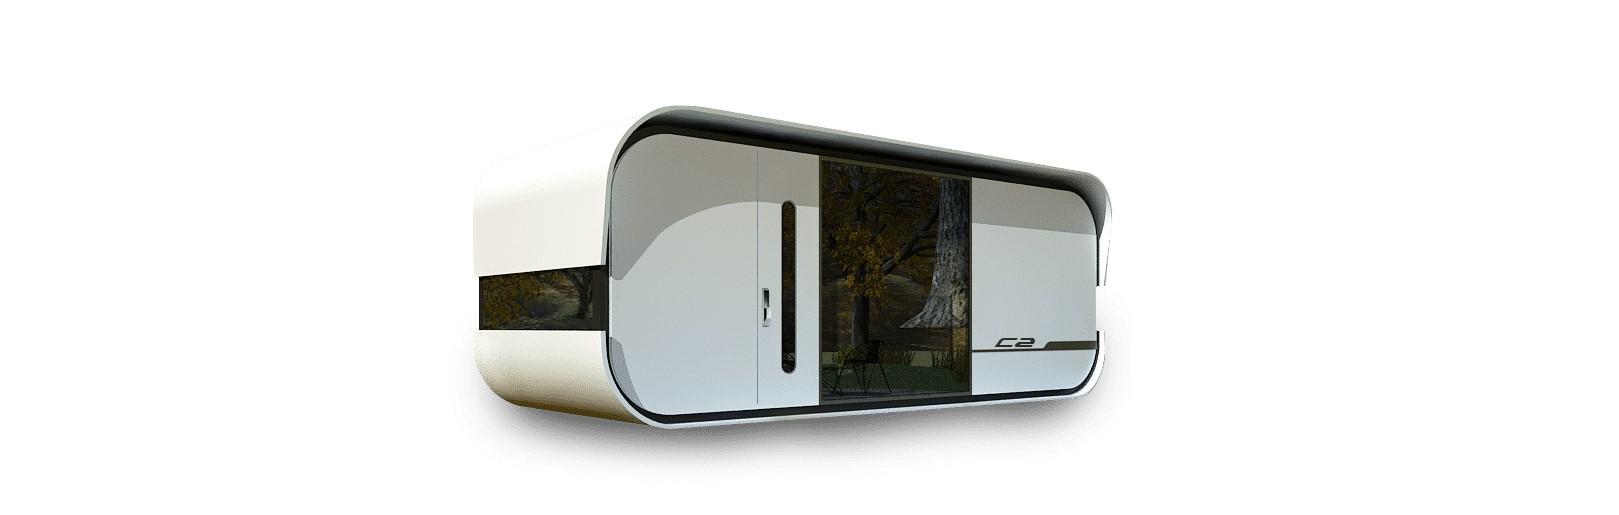 Nestron Cube 2 - domek holenderski z przyszłości